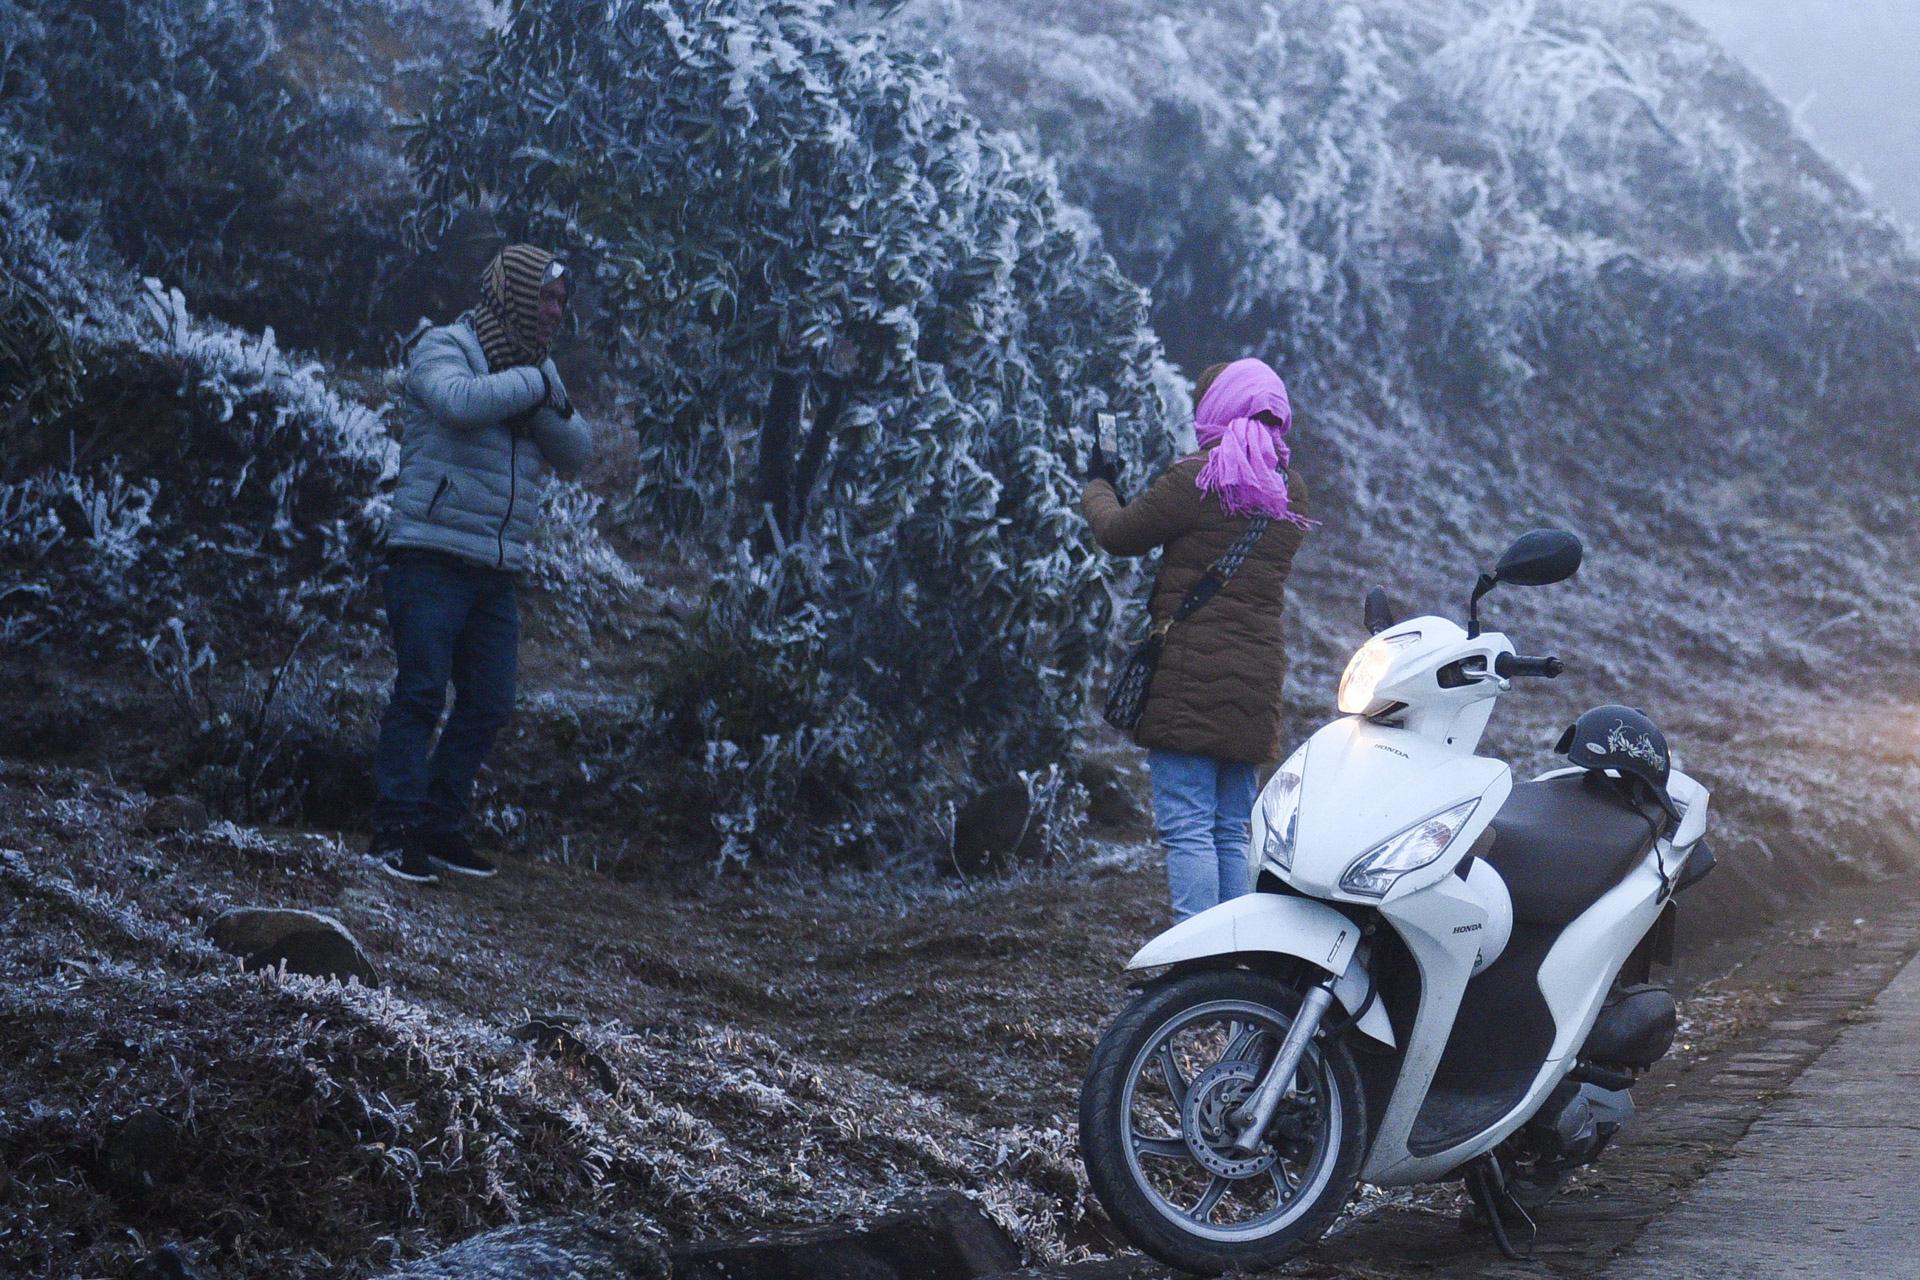 ẢNH: Nhiều người lên đỉnh Mẫu Sơn xem băng tuyết gây ùn tắc giao thông - Ảnh 1.